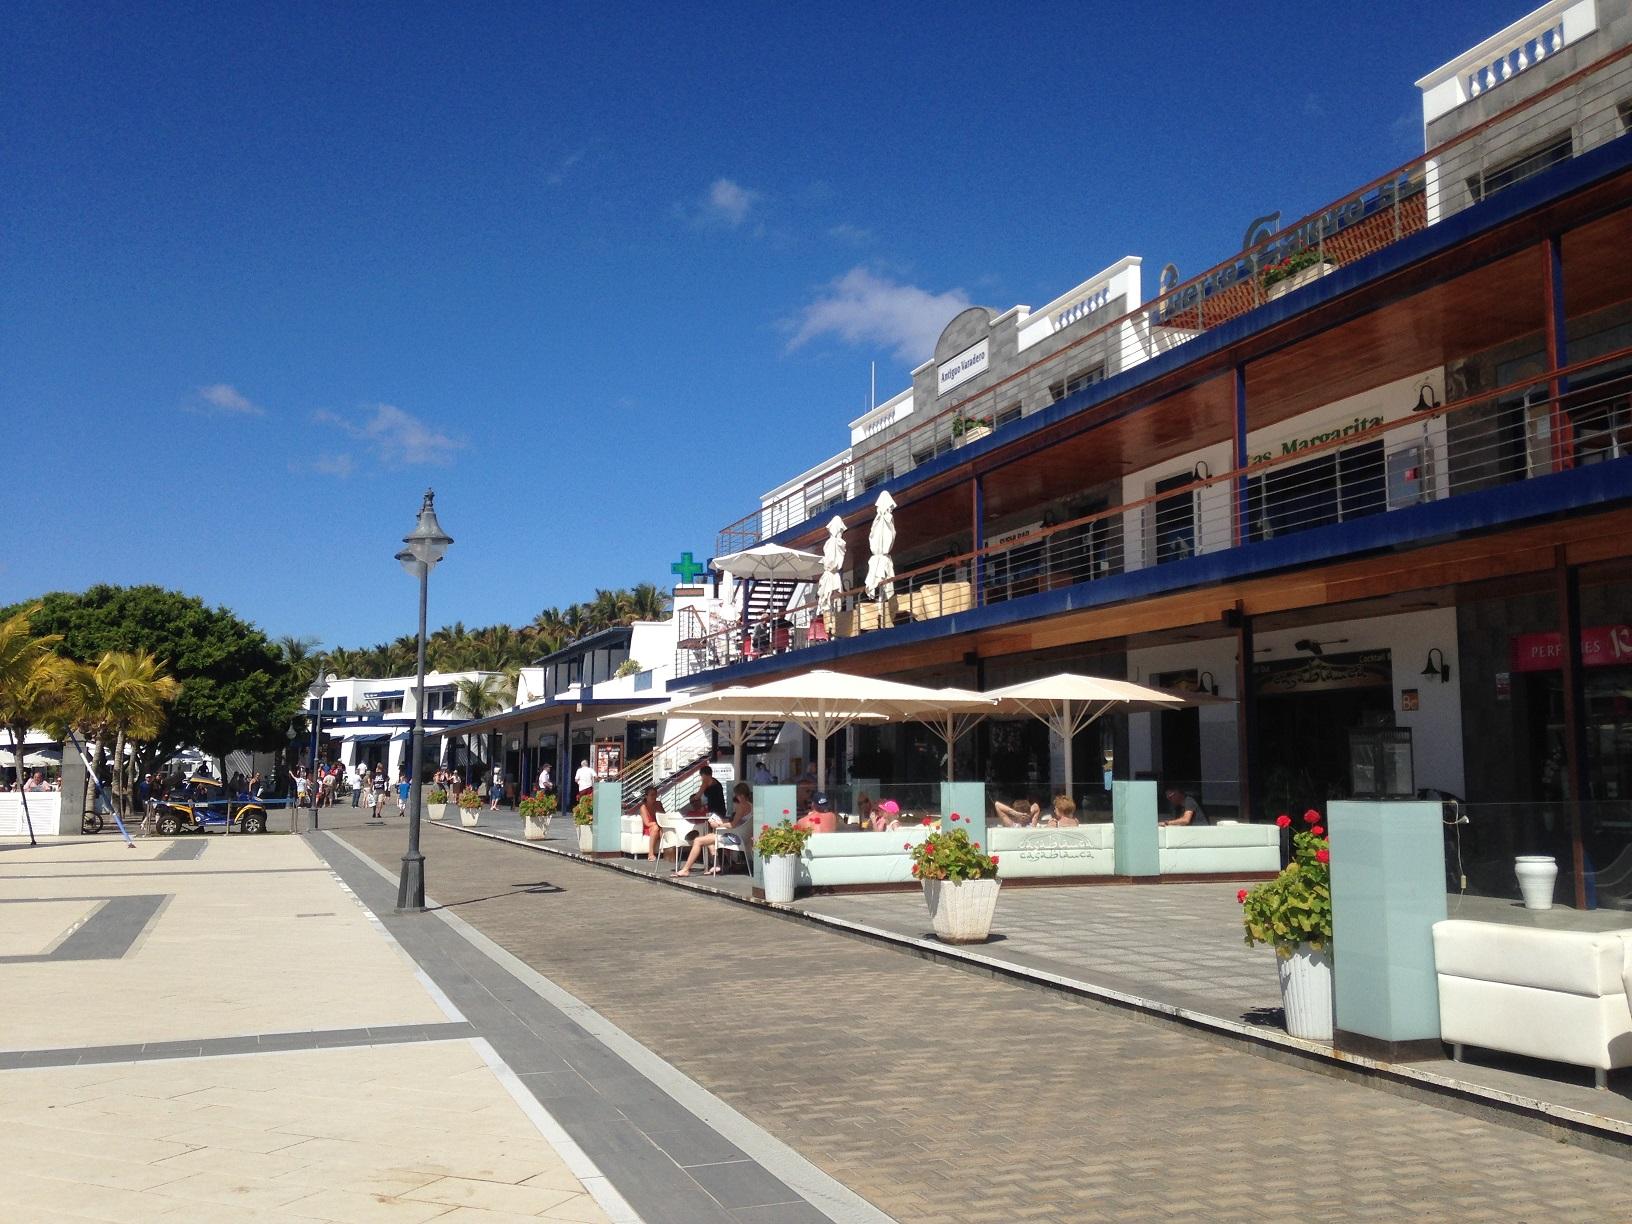 LVC198331 Puerto Calero